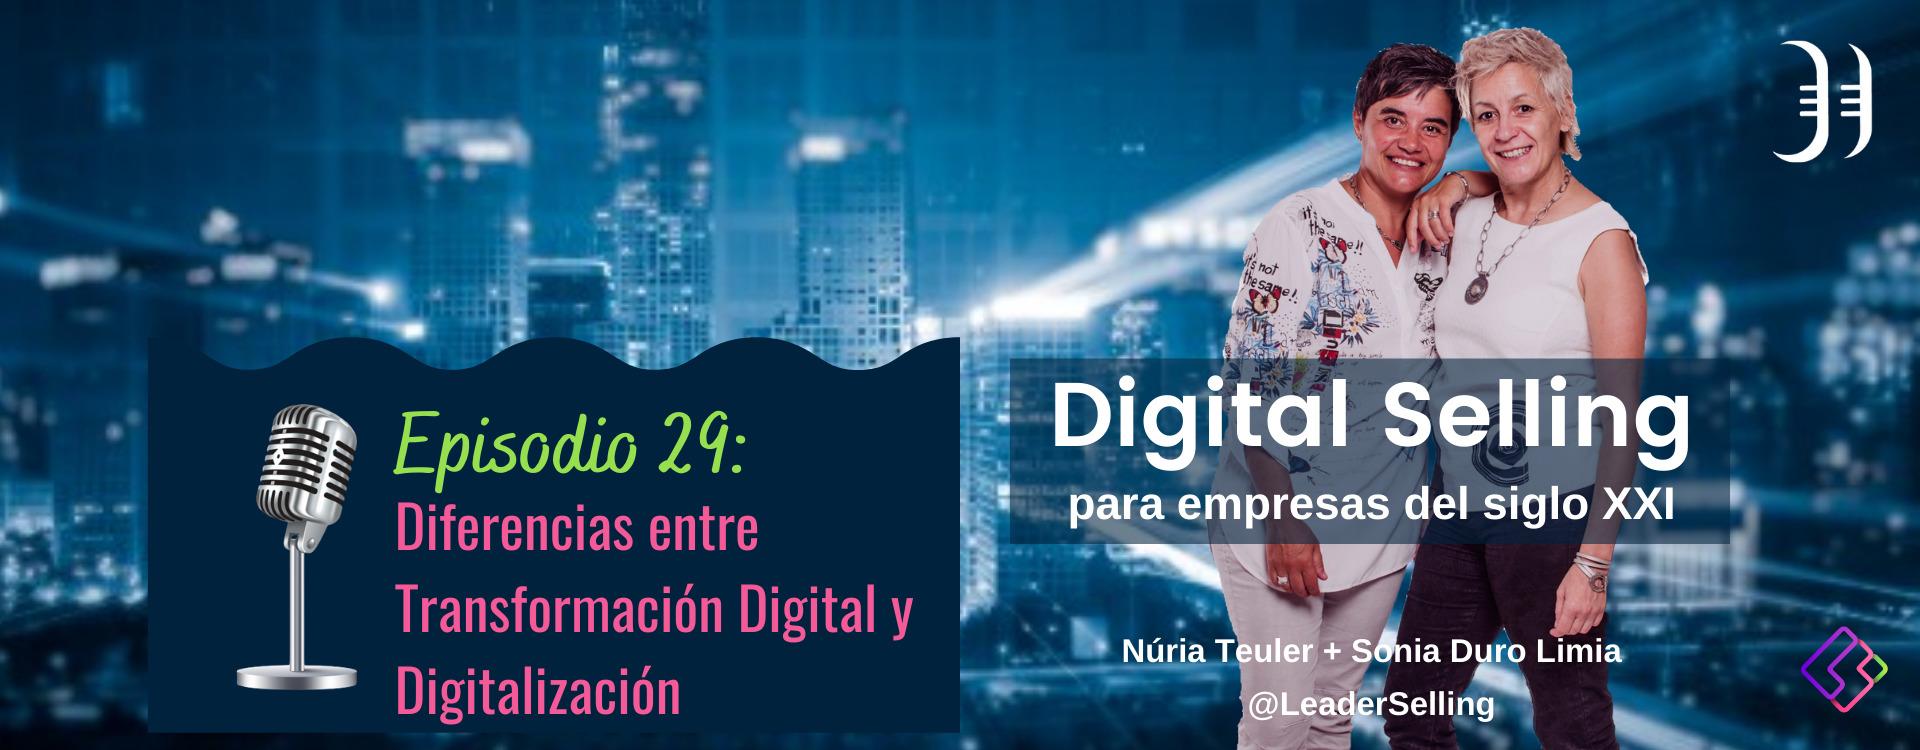 Episodio 29: Diferencias entre Transformación Digital y Digitalización